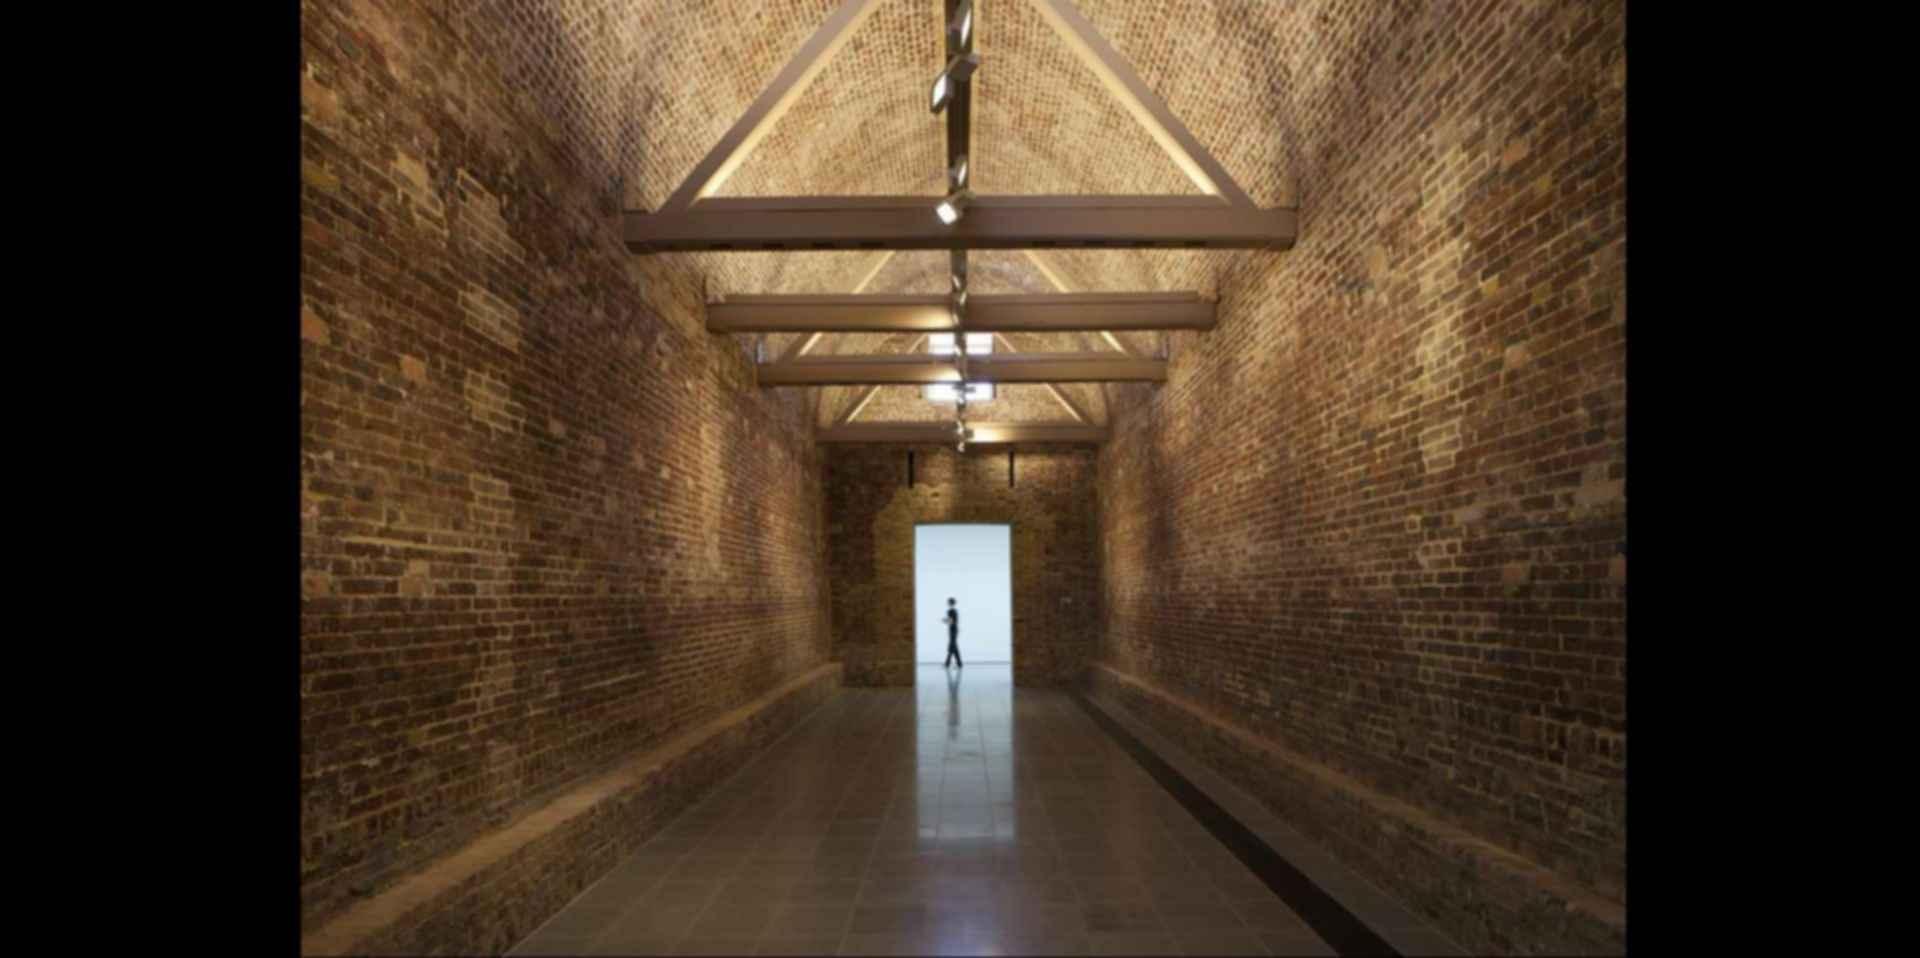 The Serpentine Sackler - Interior/Hallway